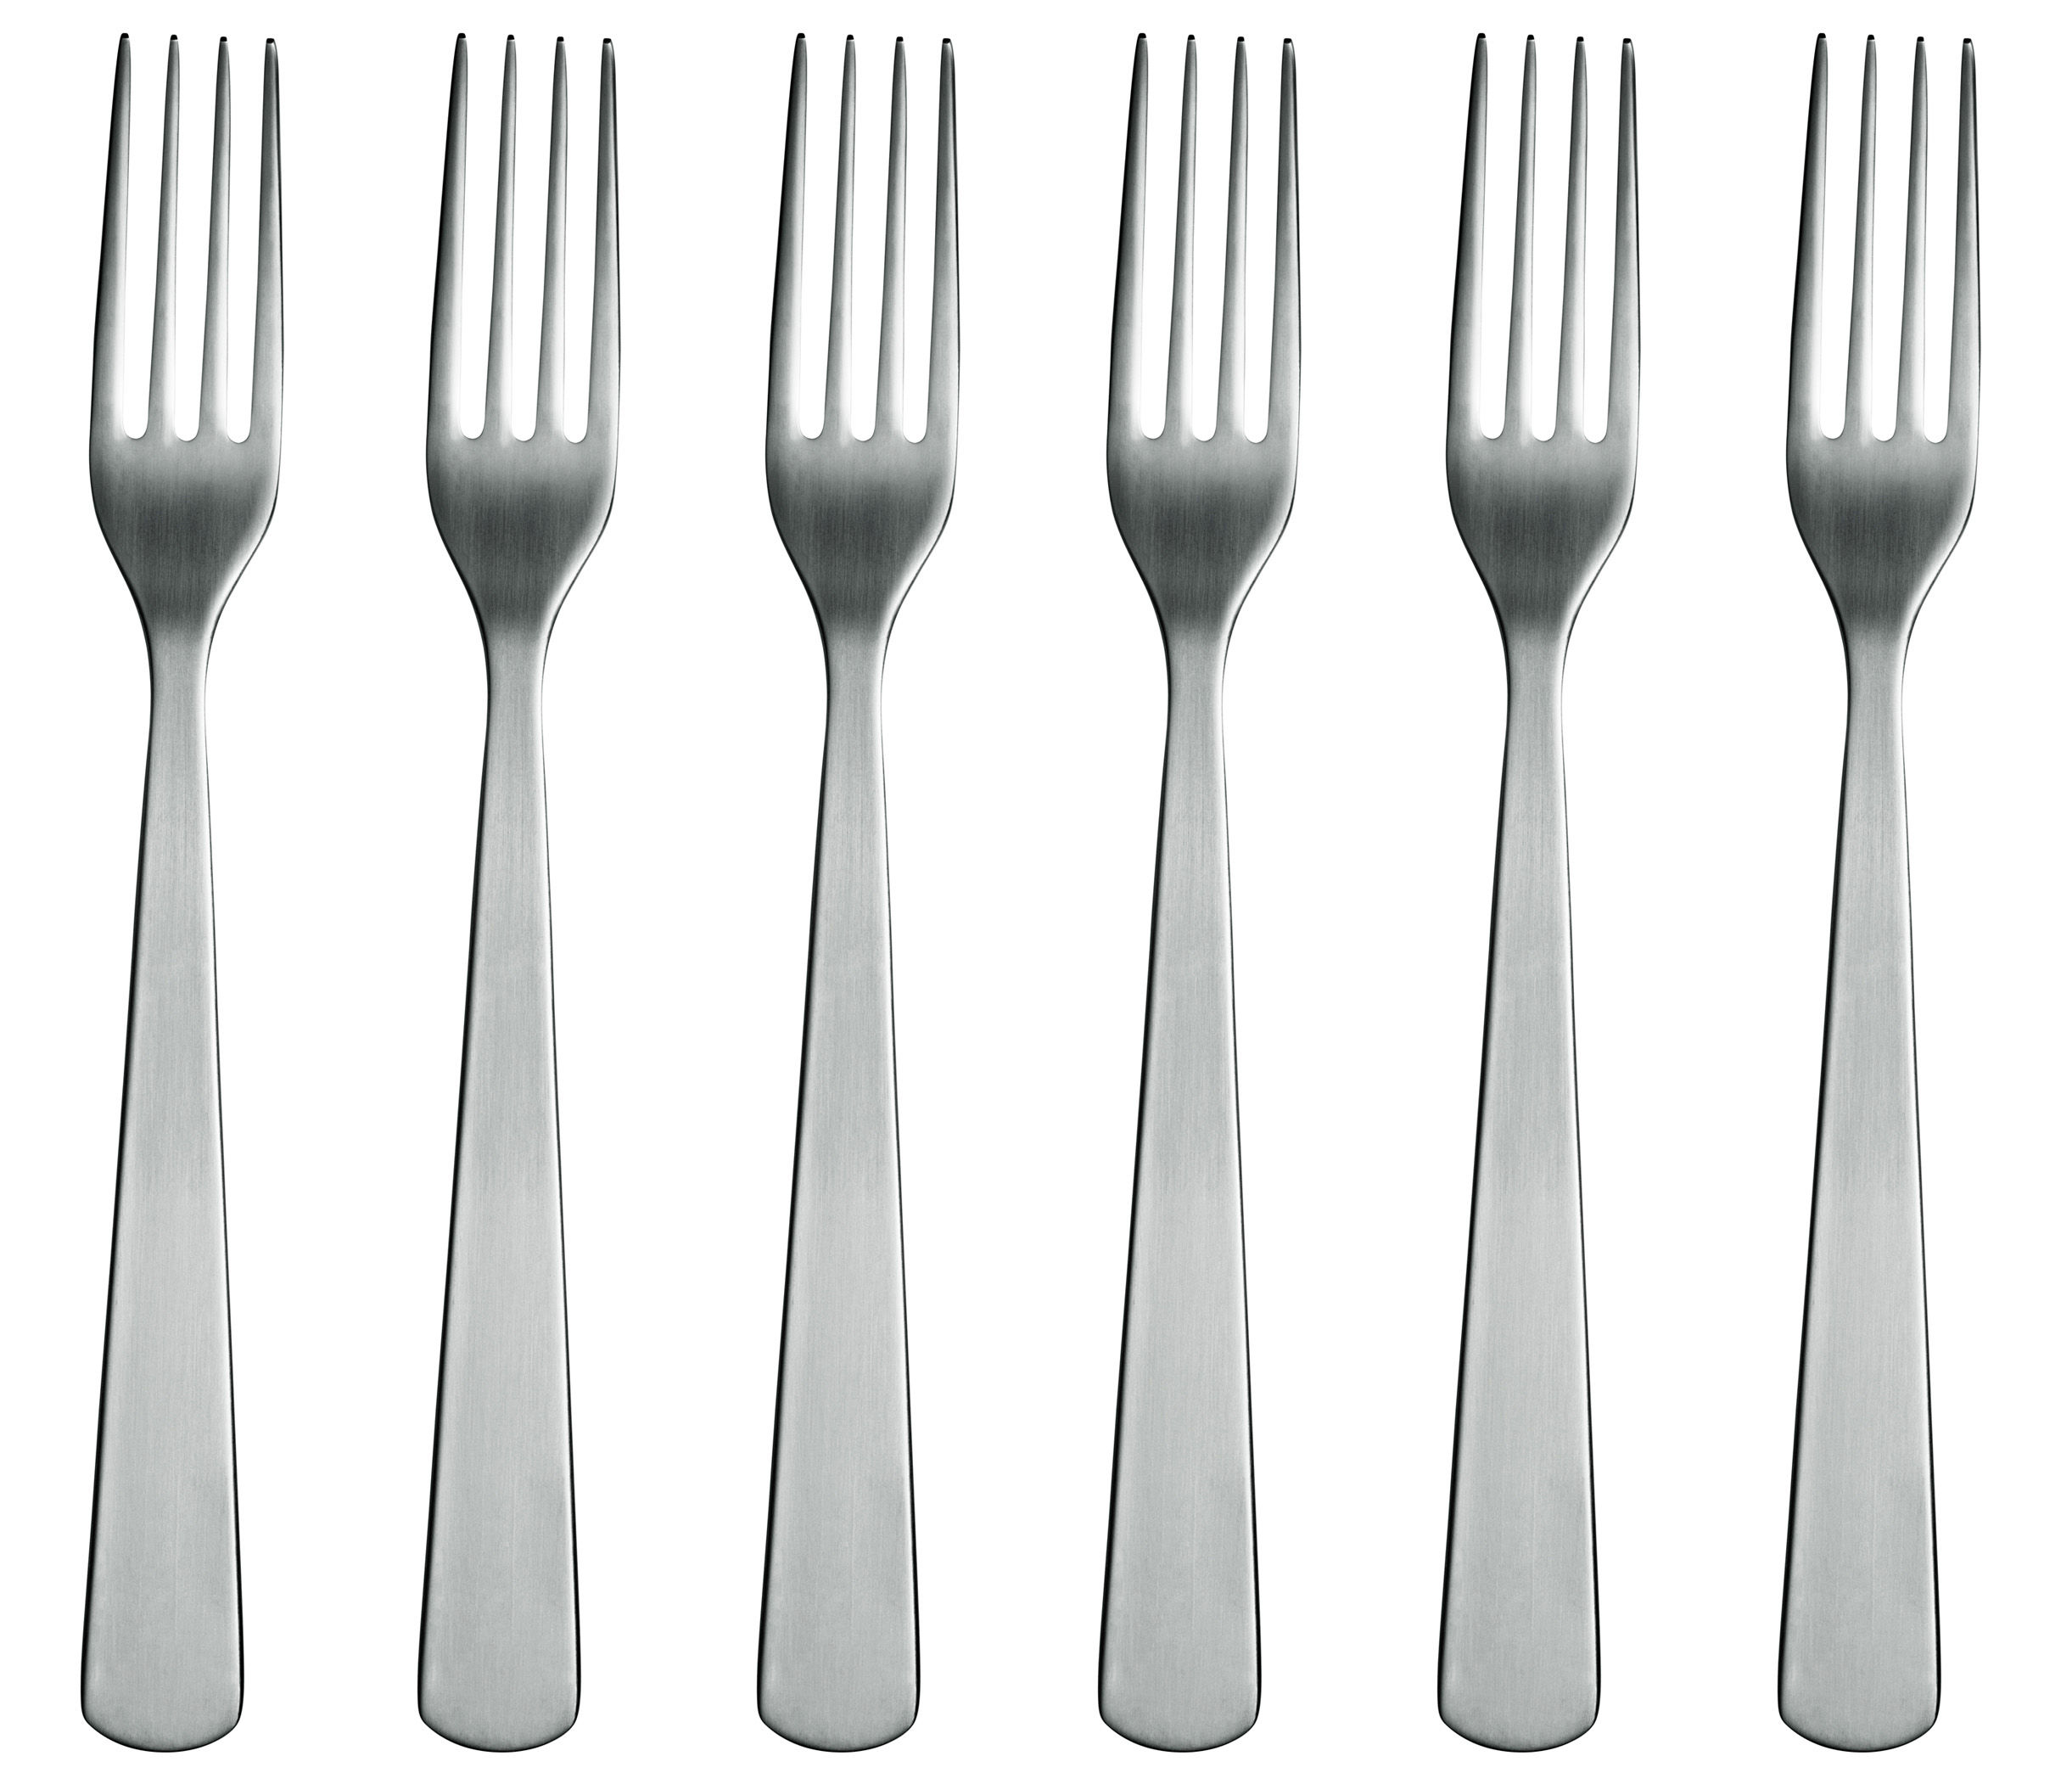 Tischkultur - Bestecke - Normann Gabel 6 Stück - Normann Copenhagen - Edelstahl matt - Stahl